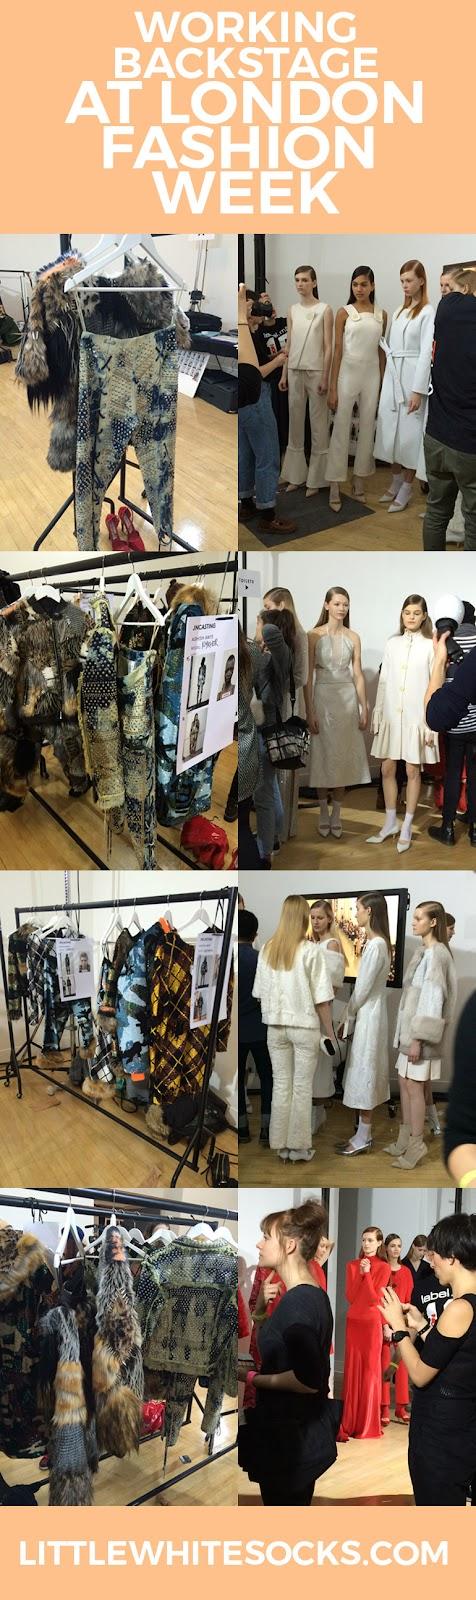 working backstage at london fashion week